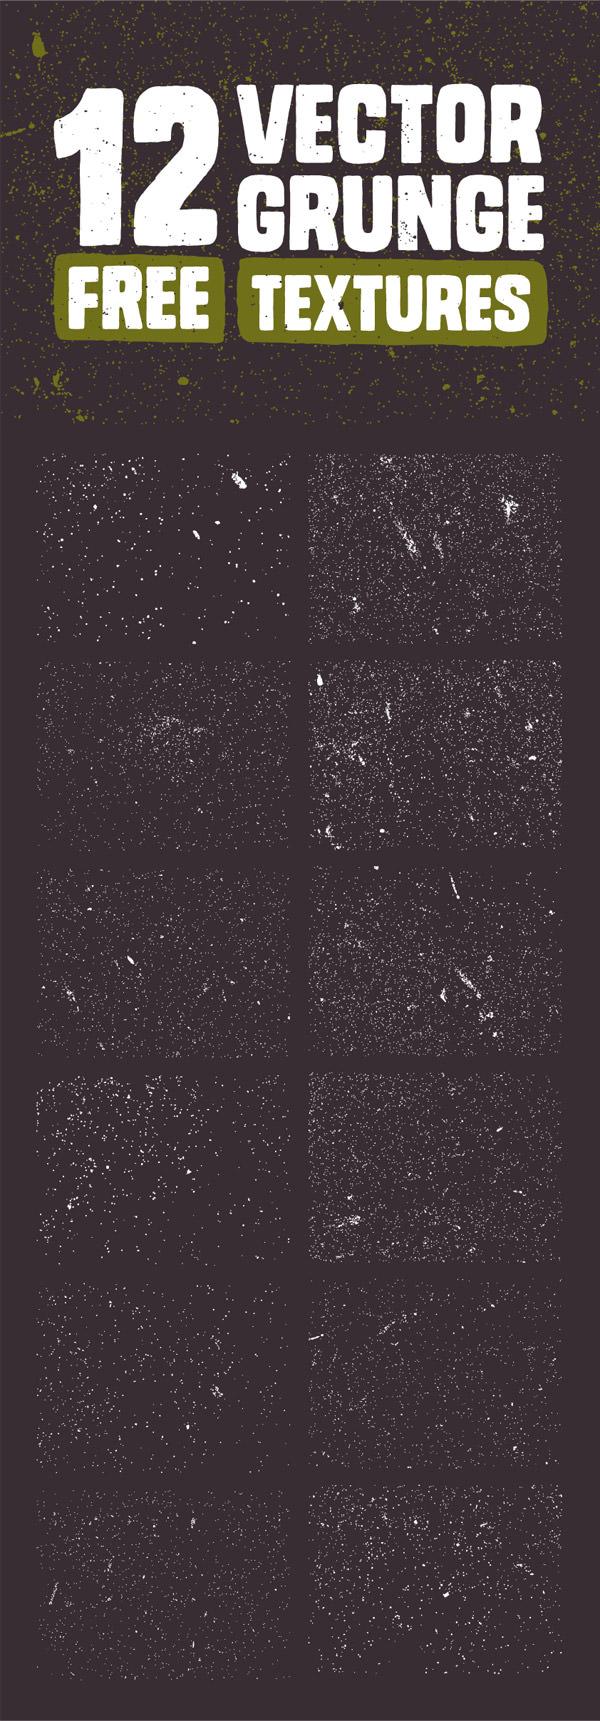 vector-grunge-textures